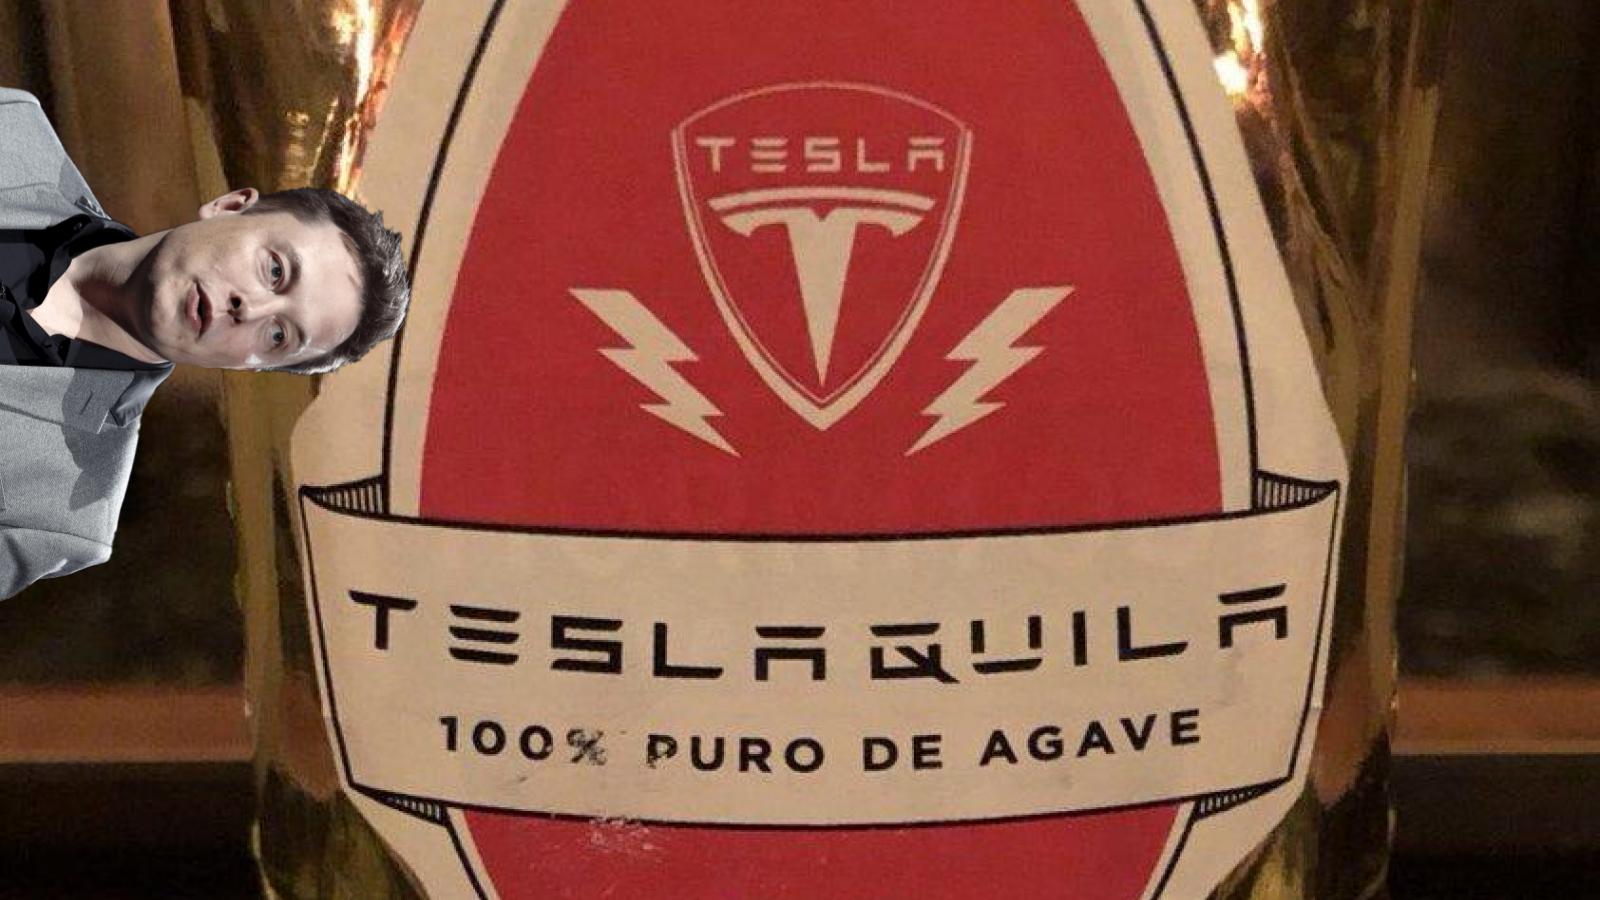 Musk registra marca Teslaquila porque YOLO